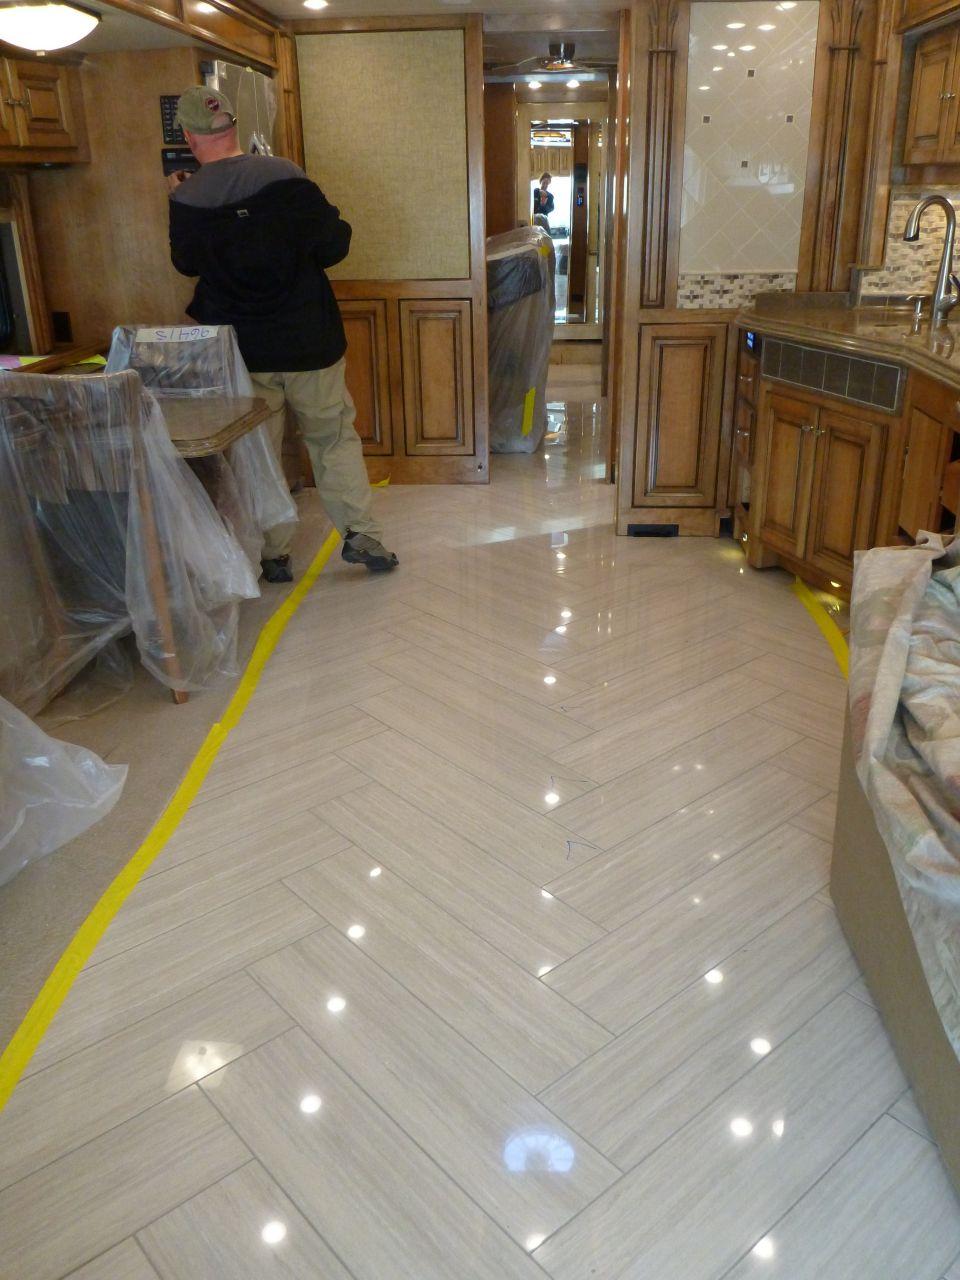 The Tile Flooring Finally Revealed